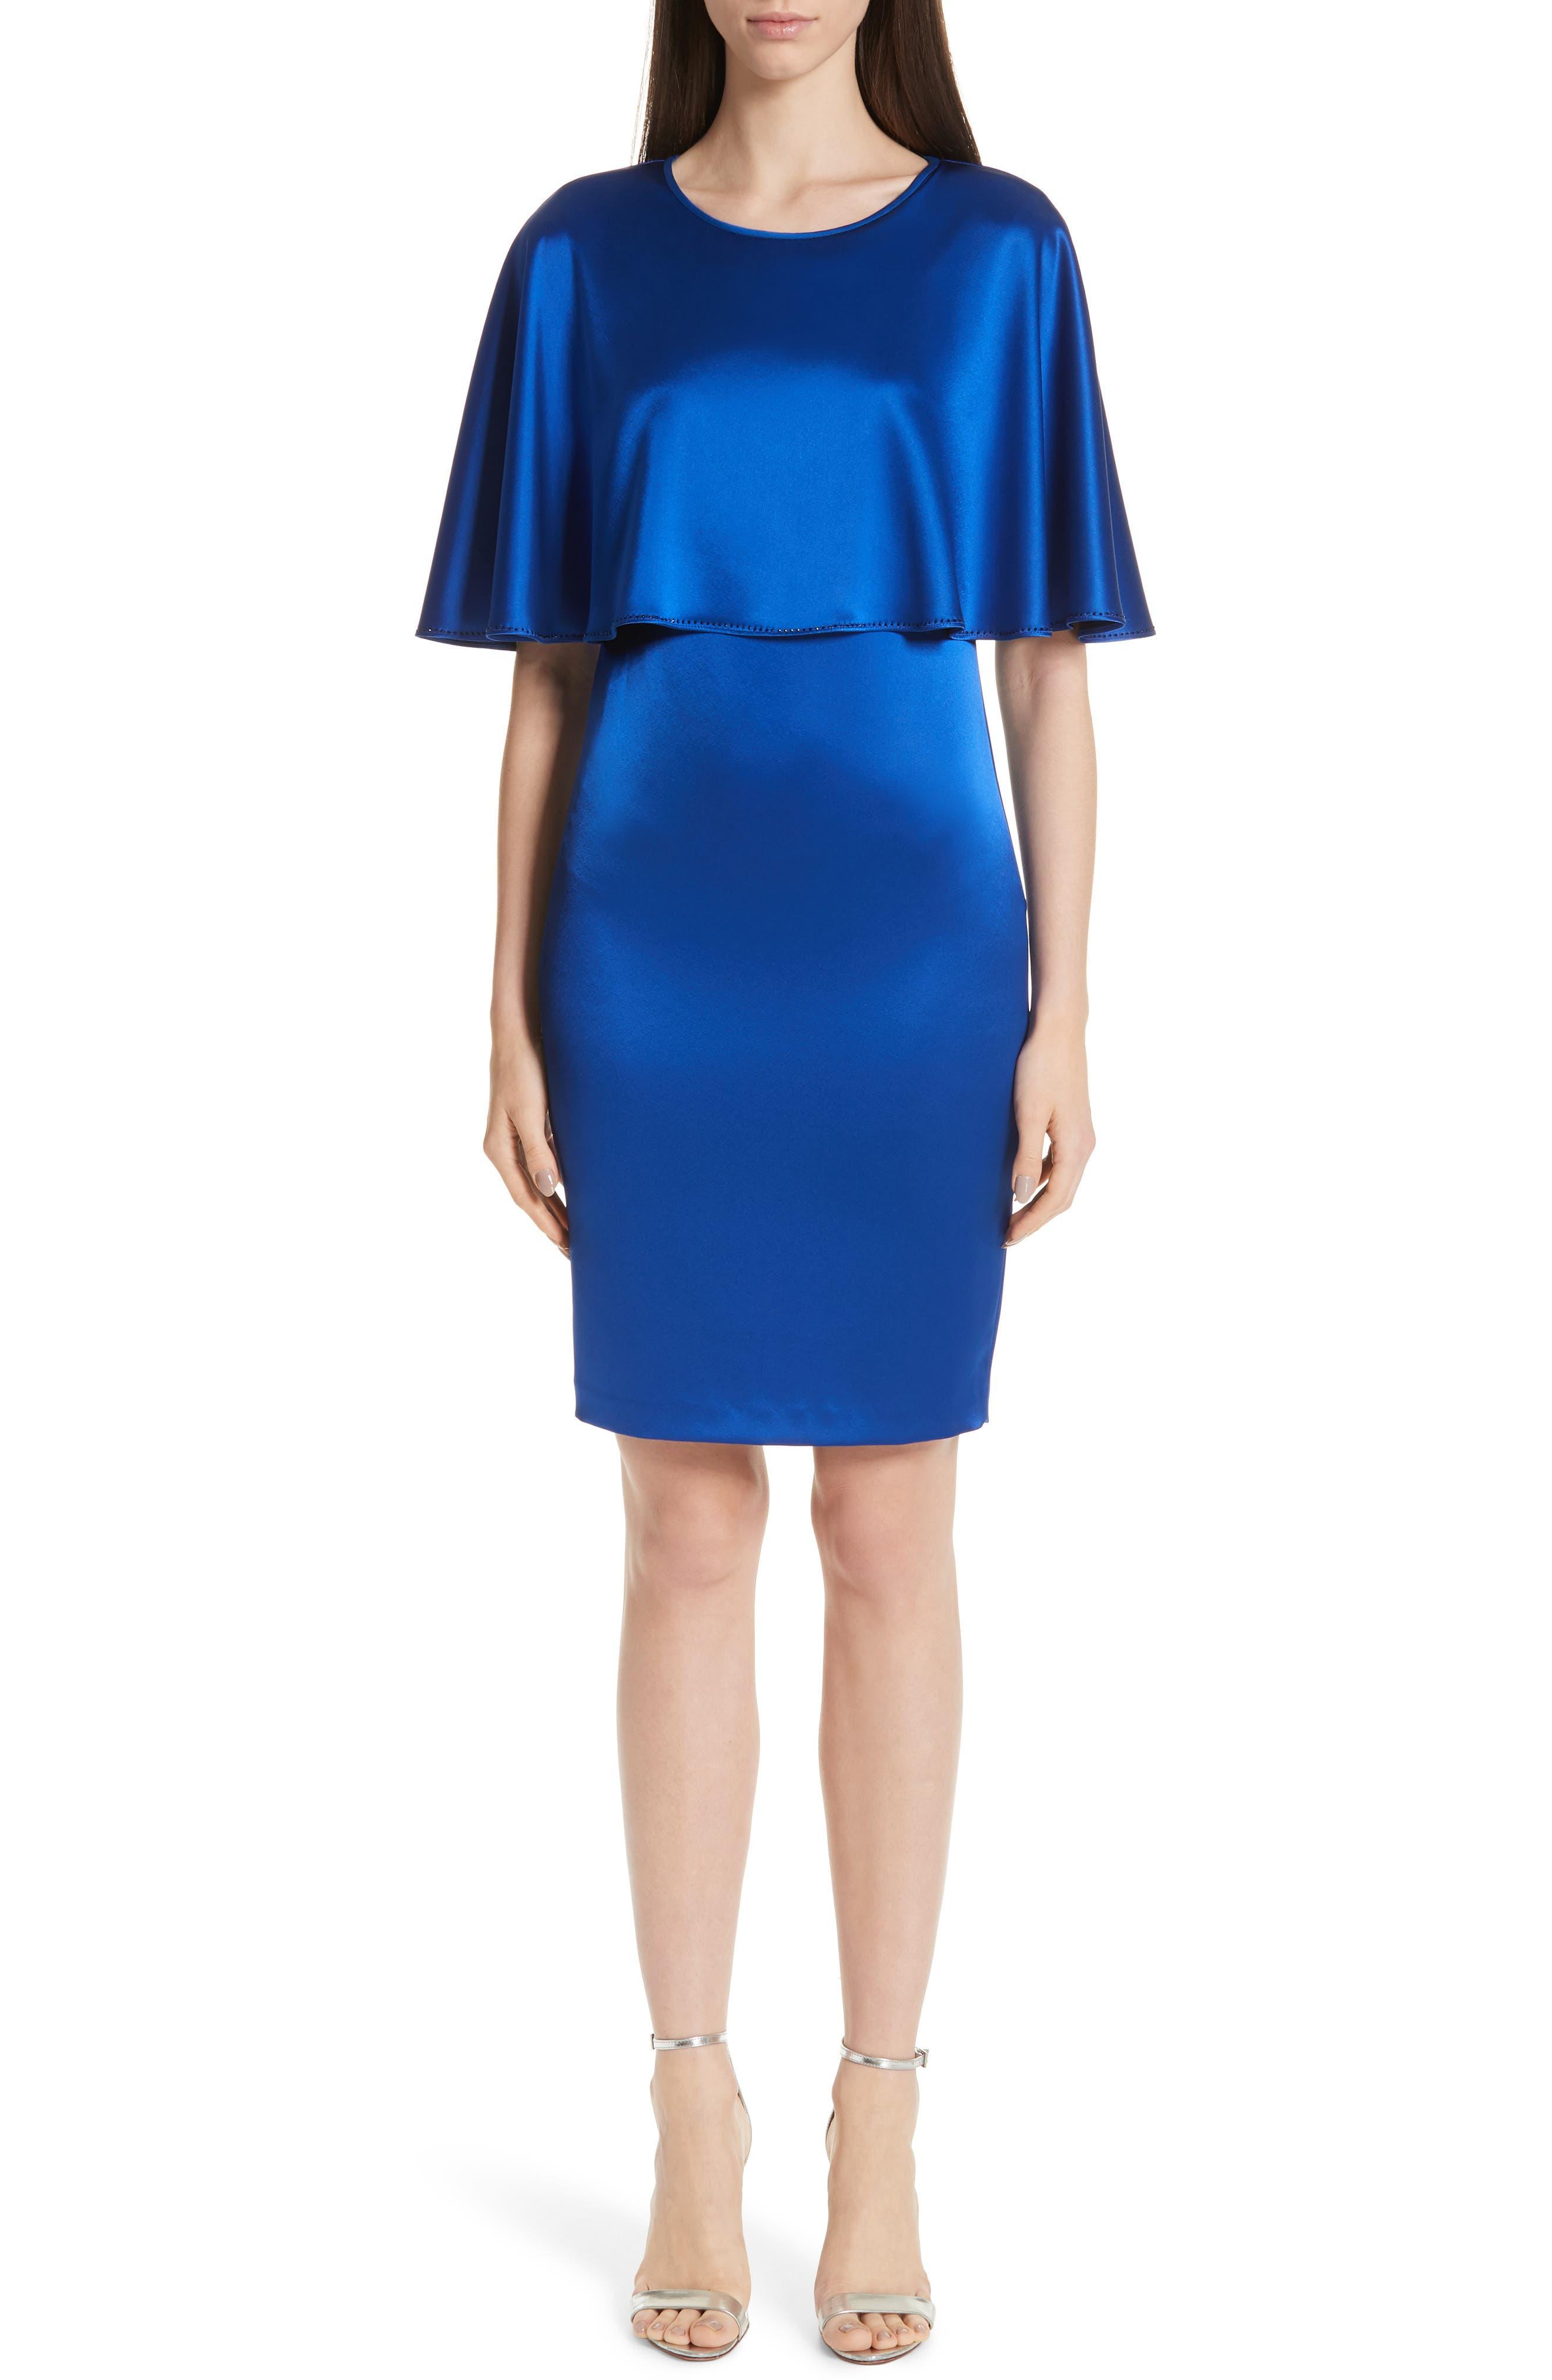 St. John Collection Lighweight Liquid Satin Dress, Blue